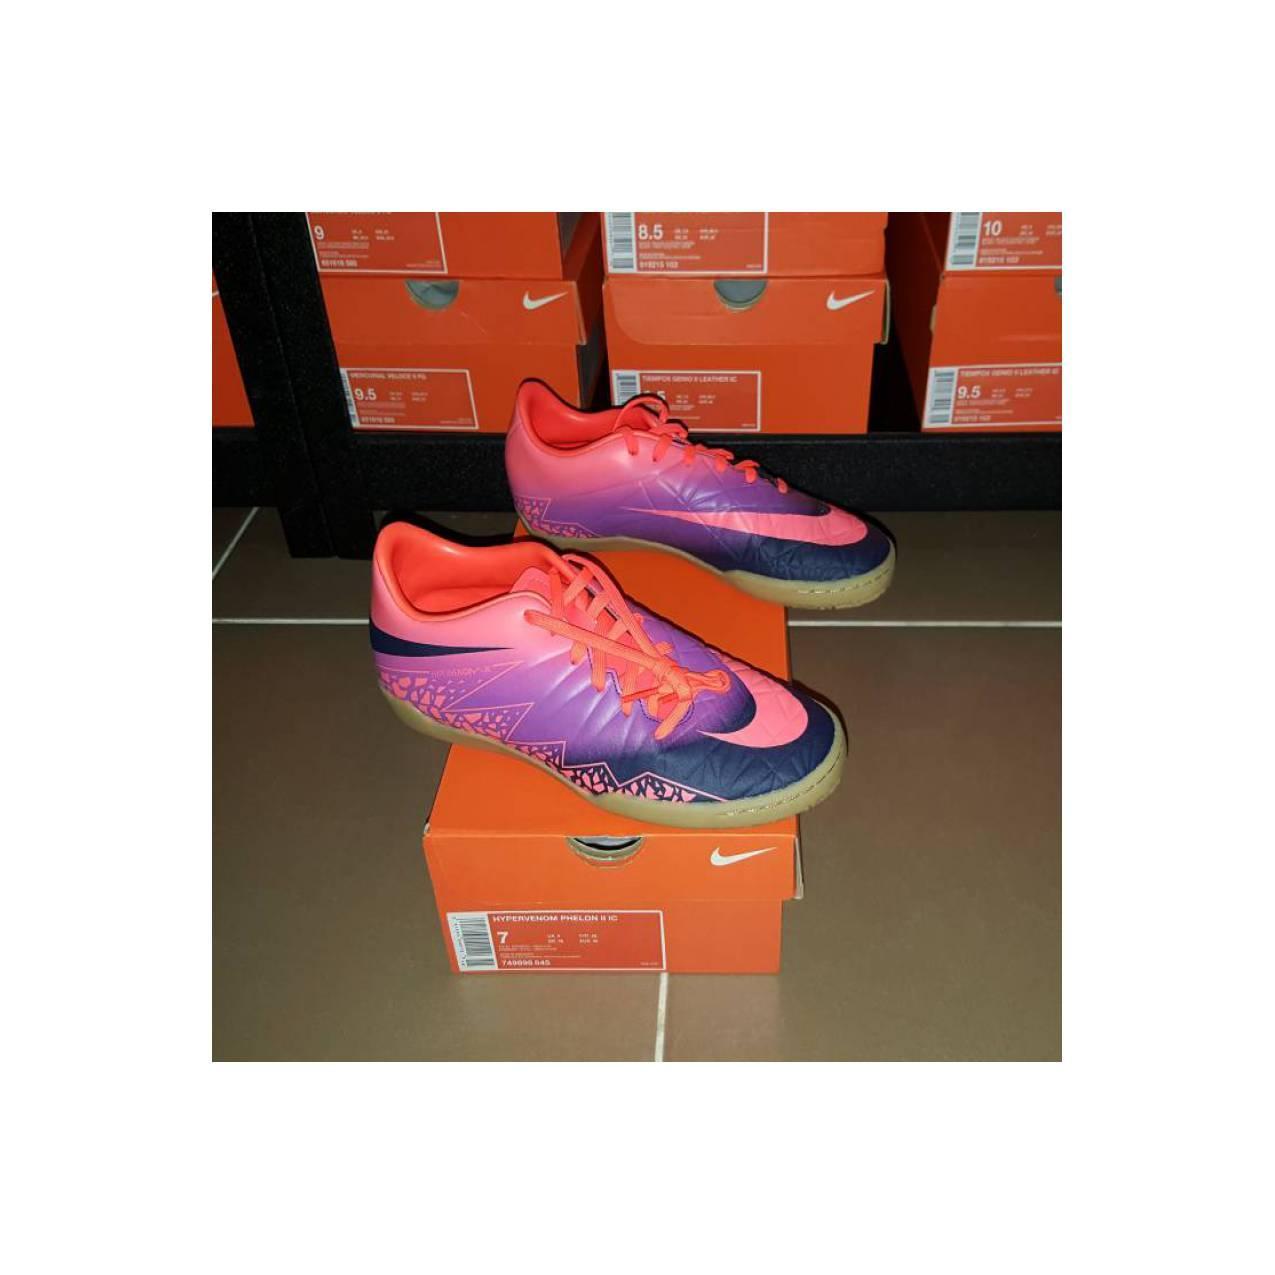 SALE!! Sepatu Futsal Nike Hypervenom Phelon II IC - Crimson